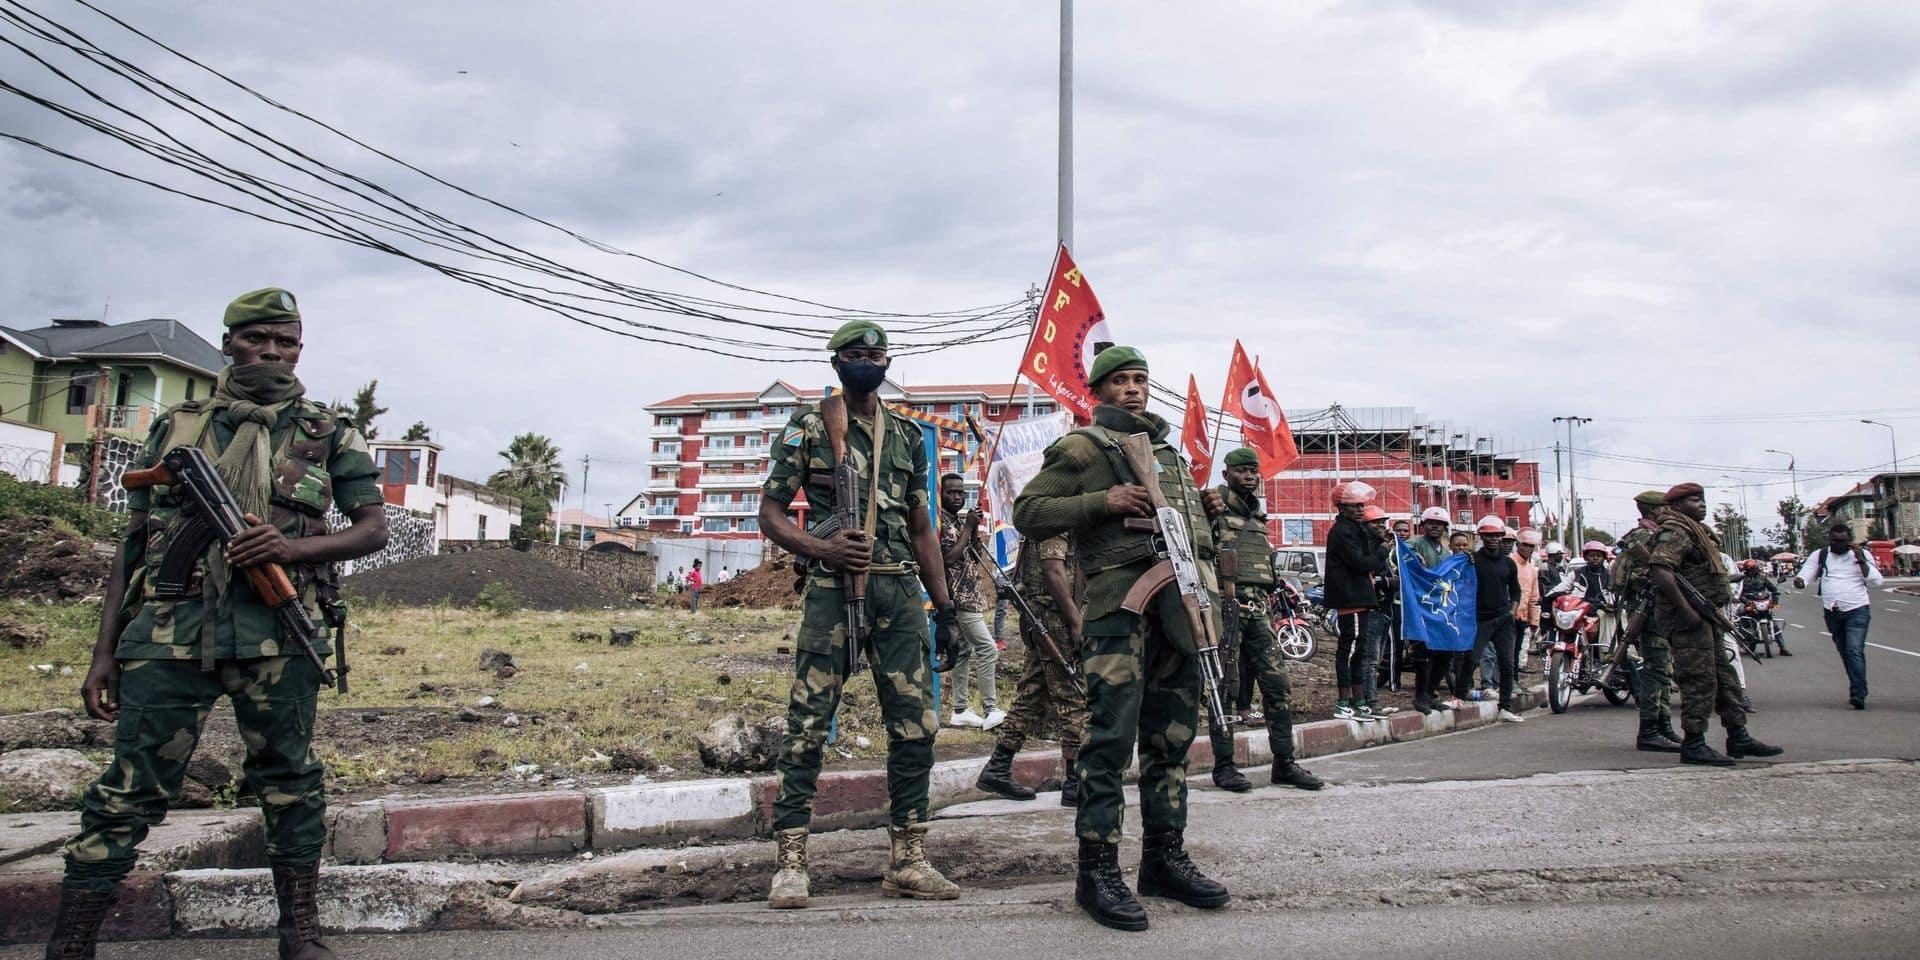 Au moins 11 morts dans une attaque dans le nord-est de la RDC